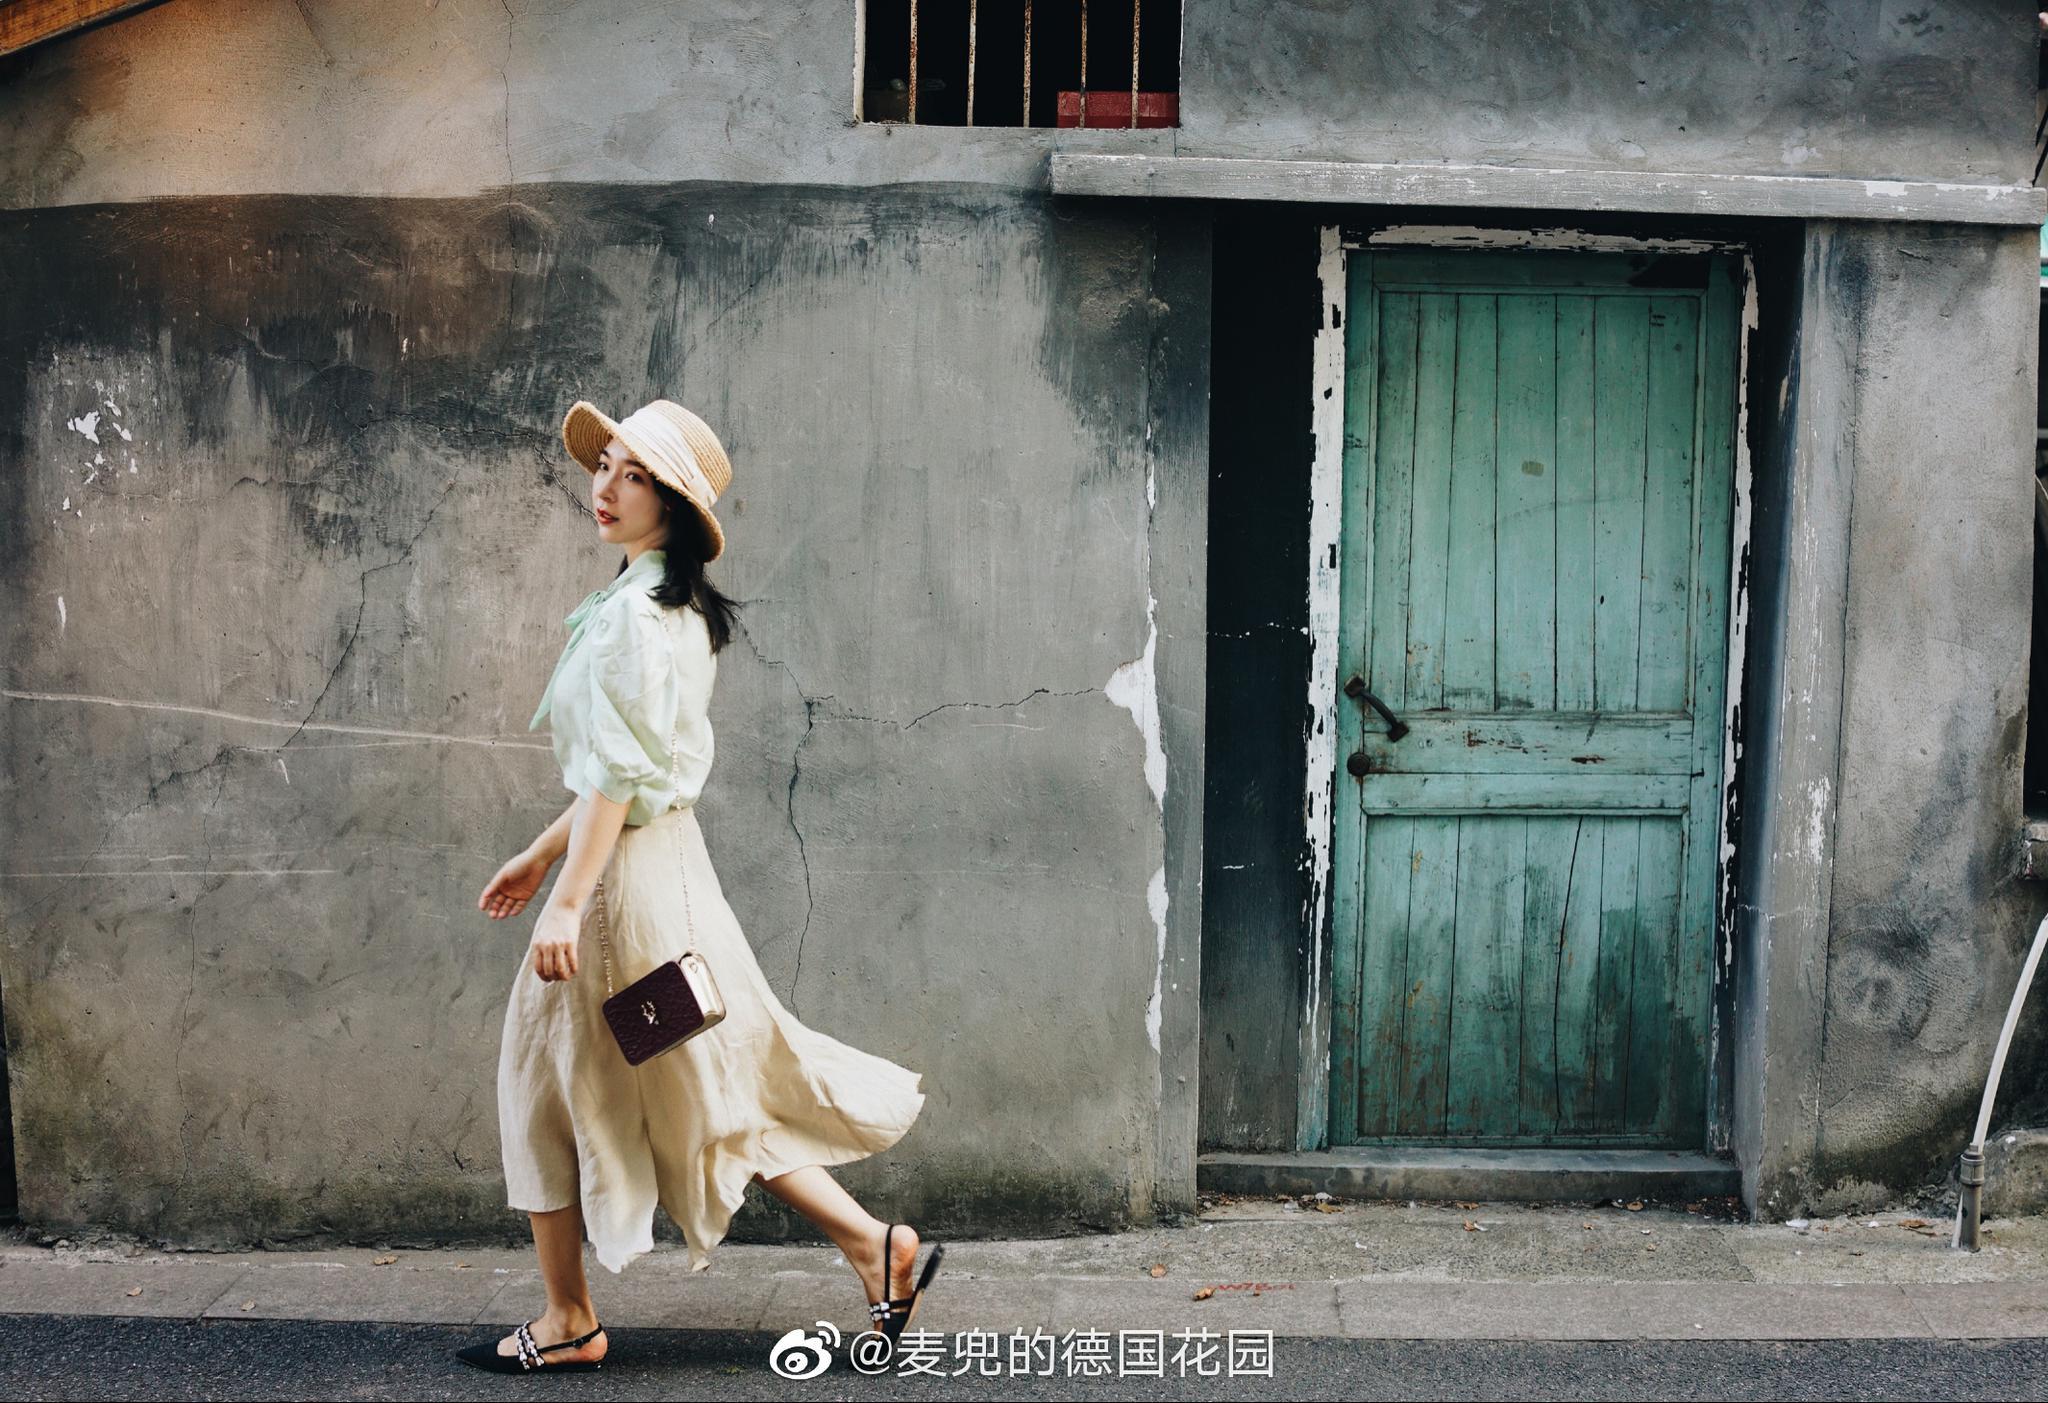 馒头山脚下的烟火气息蒲扇、灶台、晾衣架、绿植…老底子的杭州